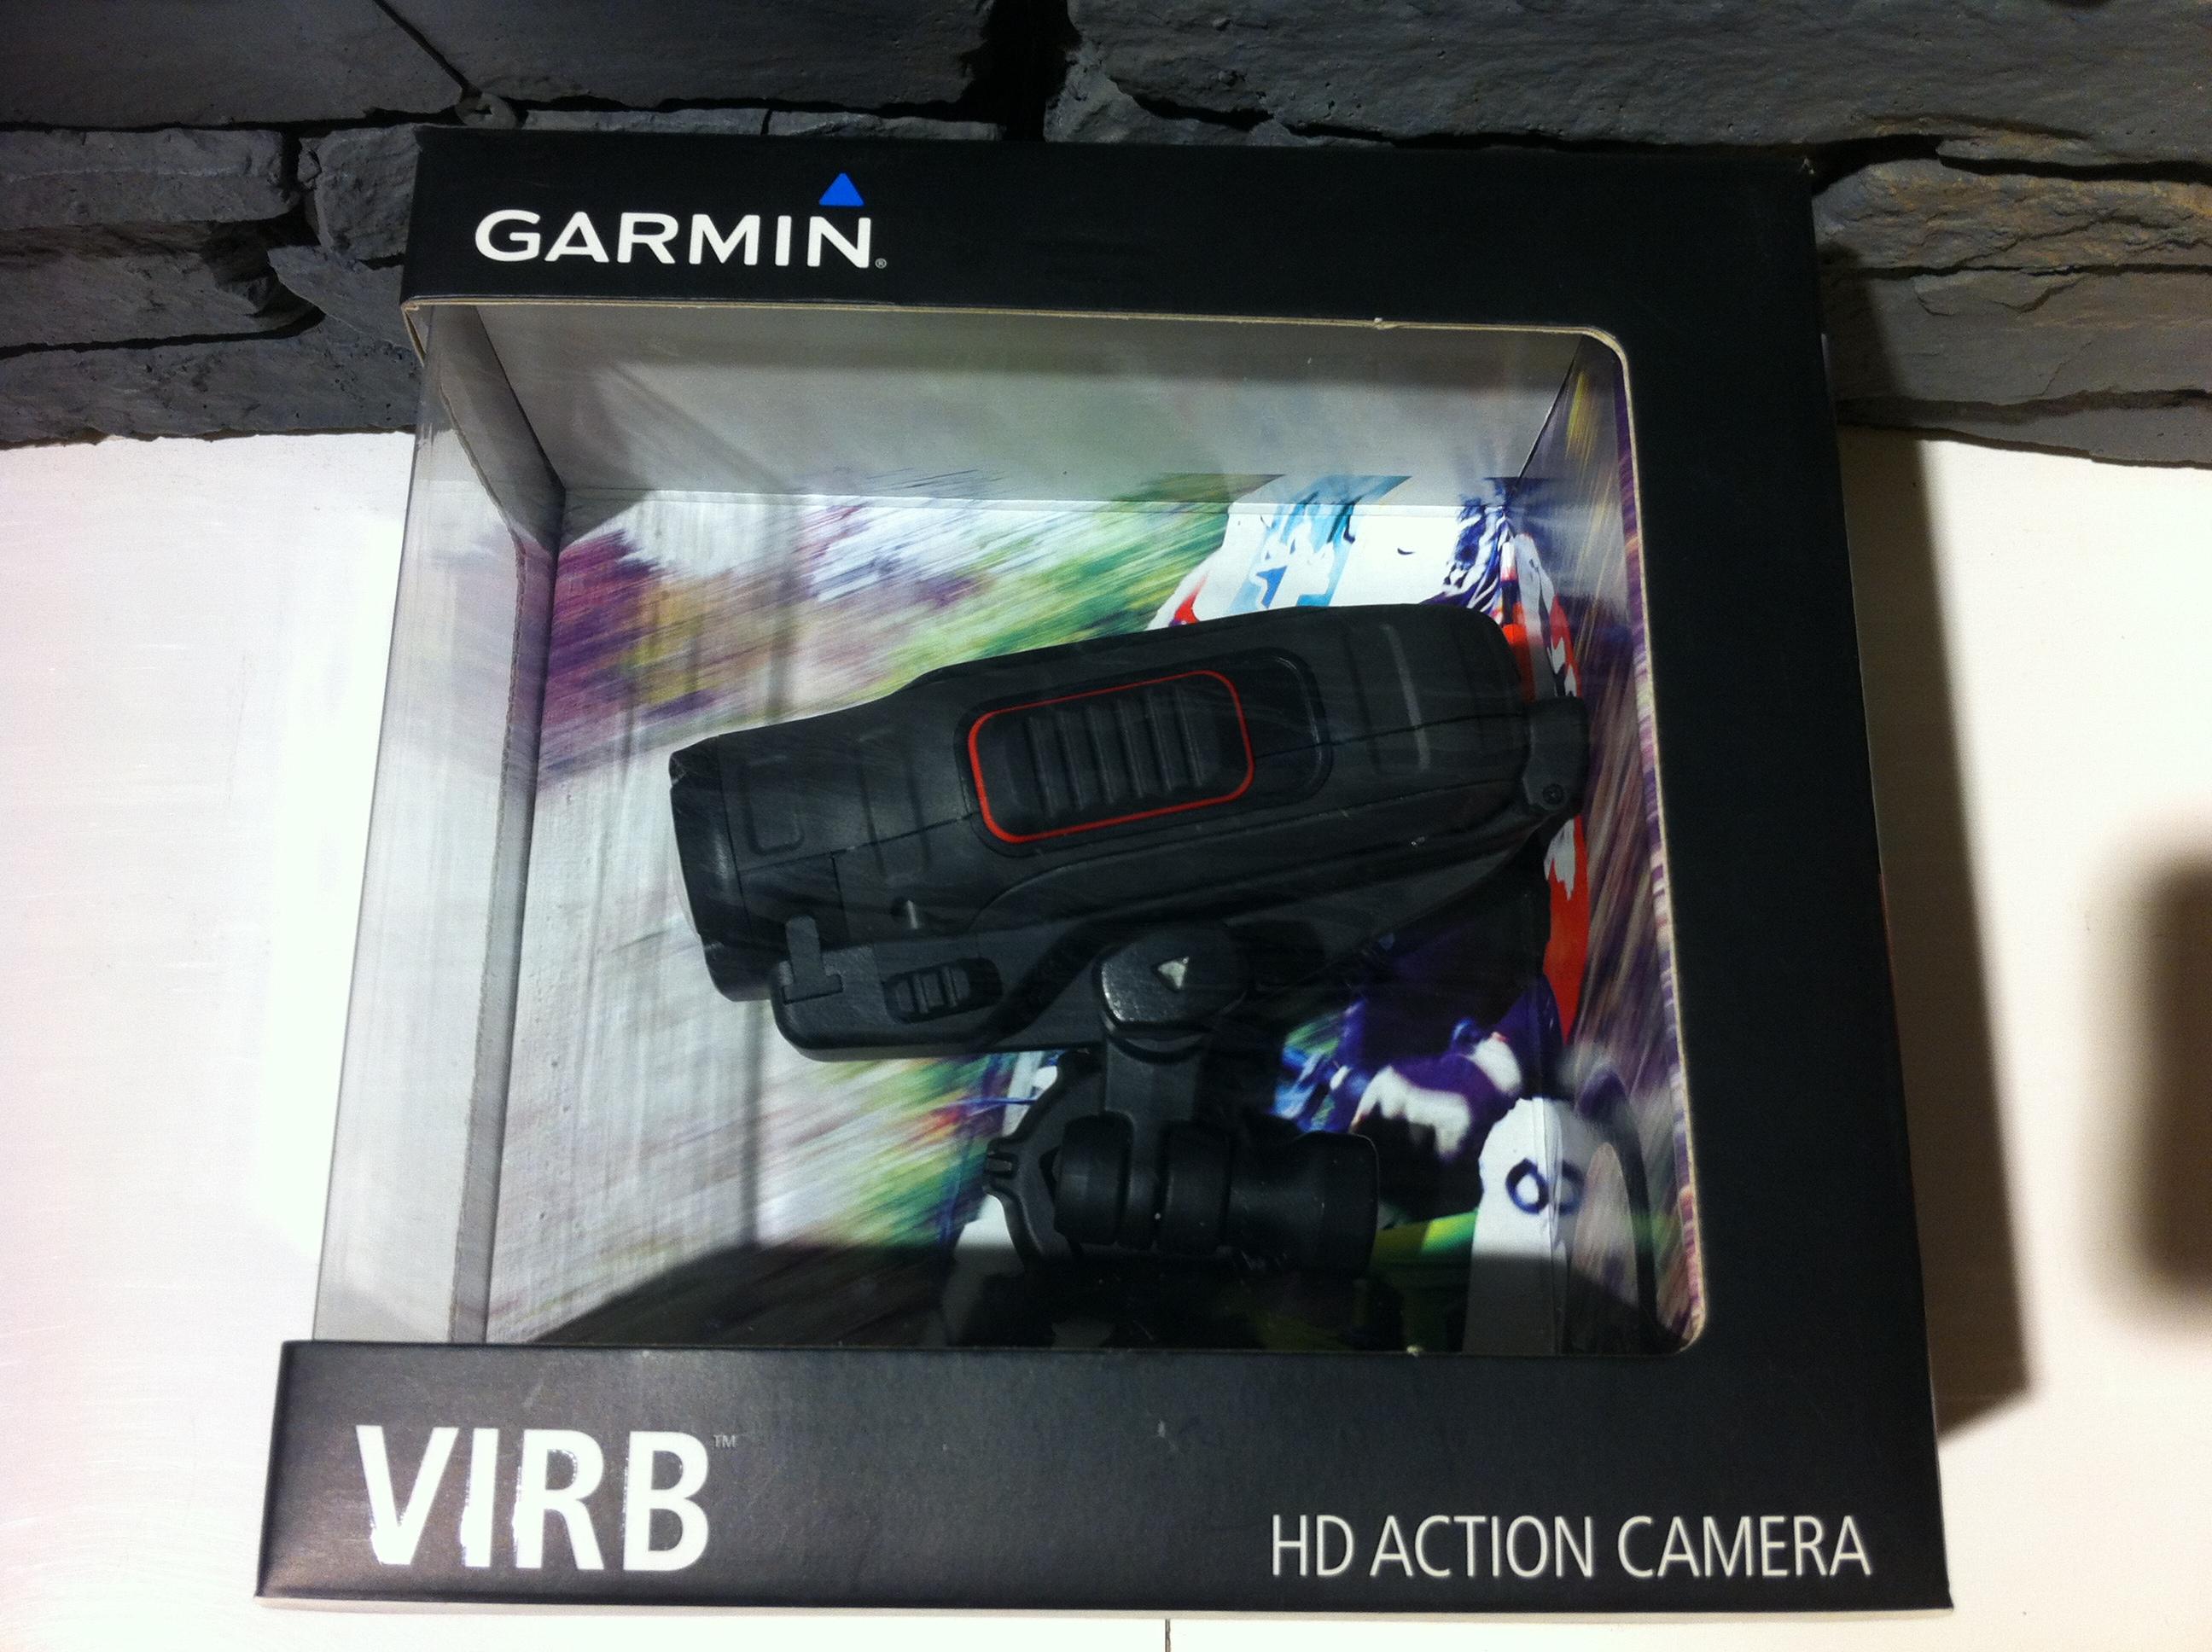 Camera Garmin Virb Image